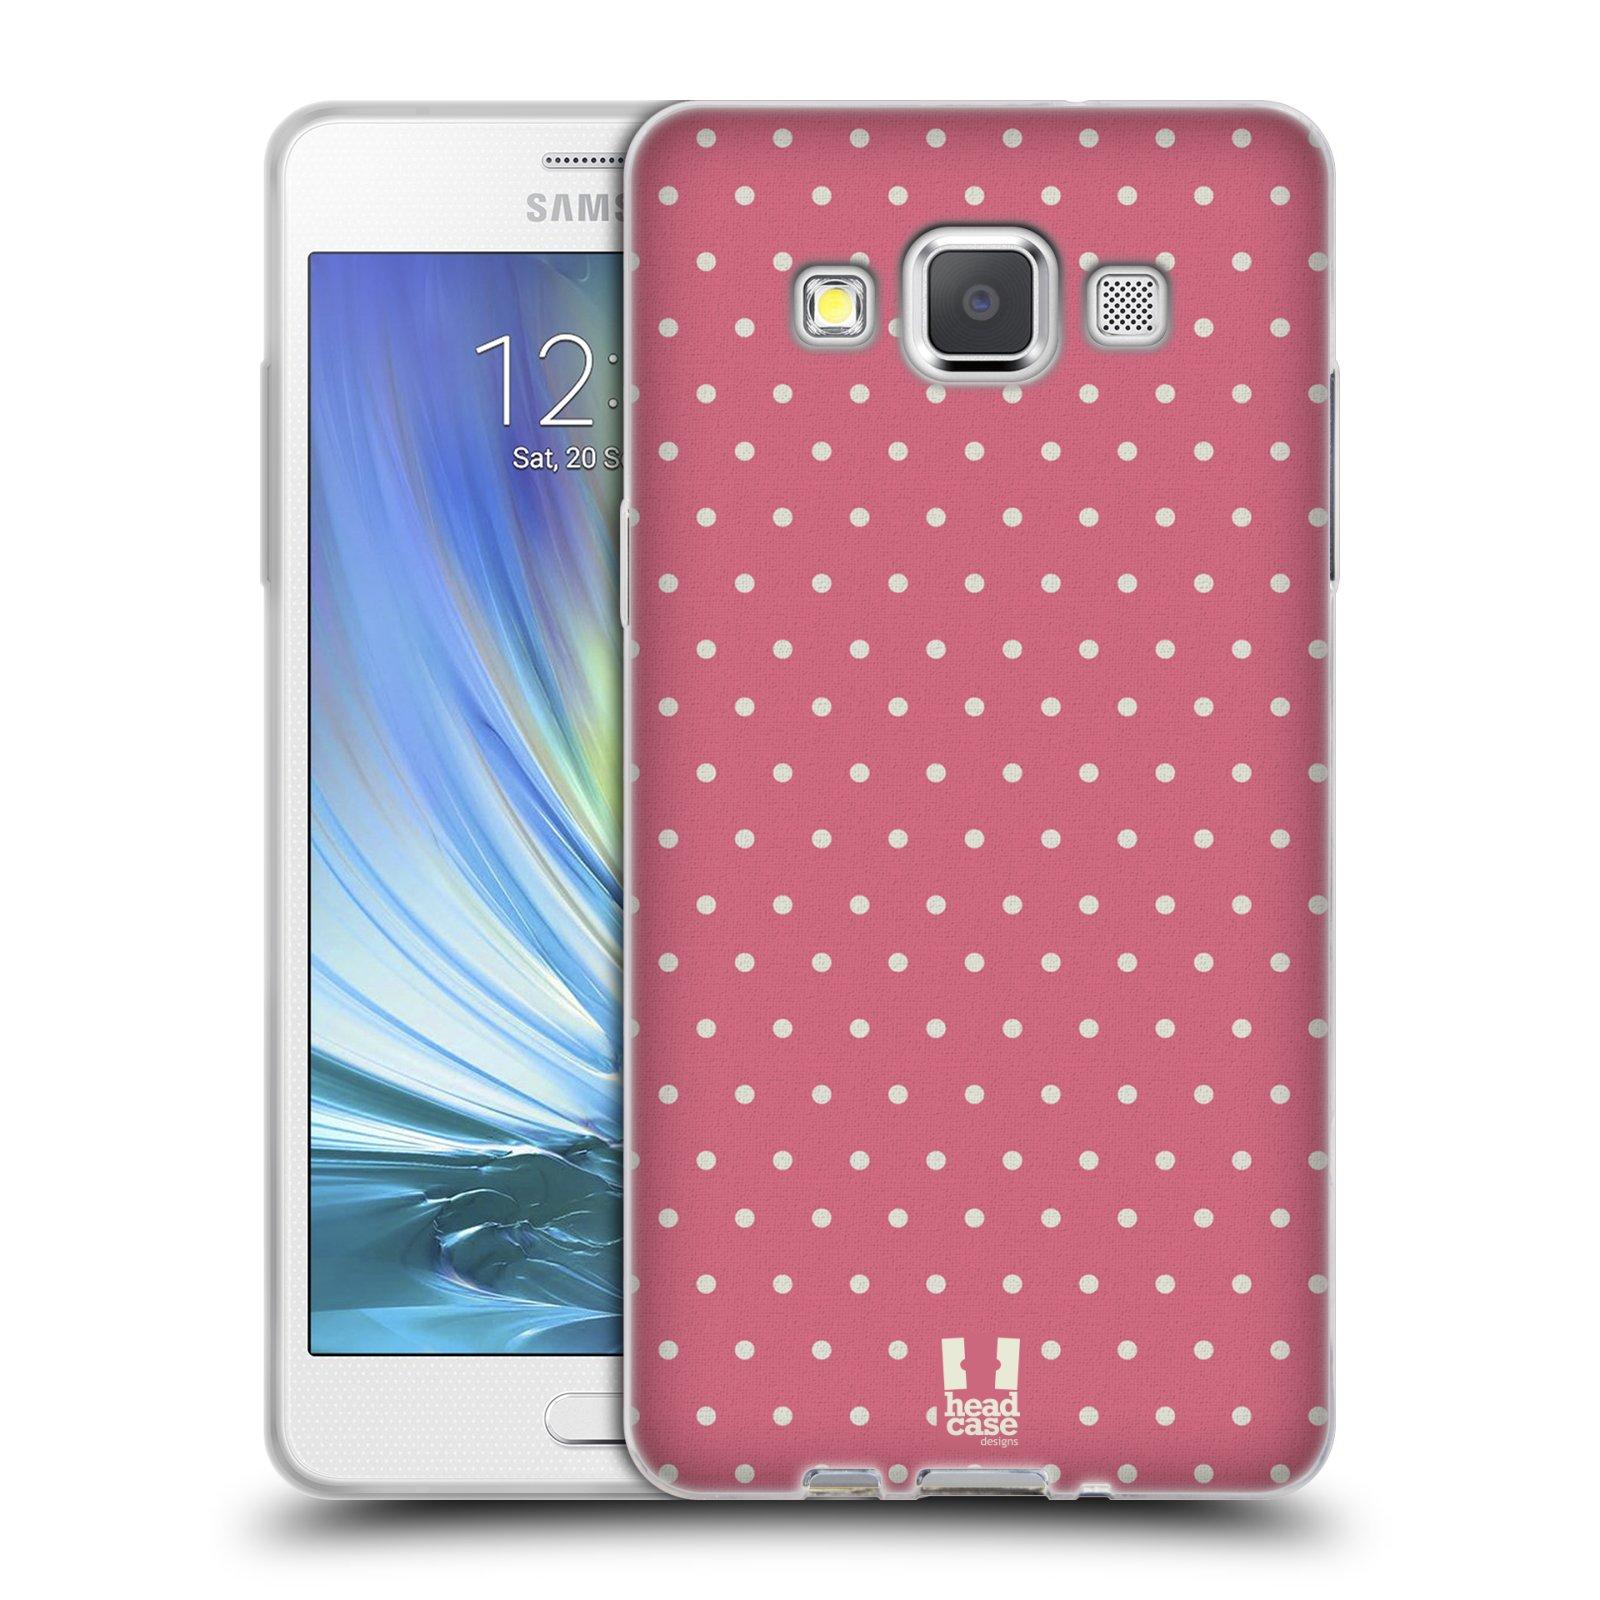 HEAD CASE silikonový obal na mobil Samsung Galaxy A5 Francouzský motiv venkov růžové puntíky